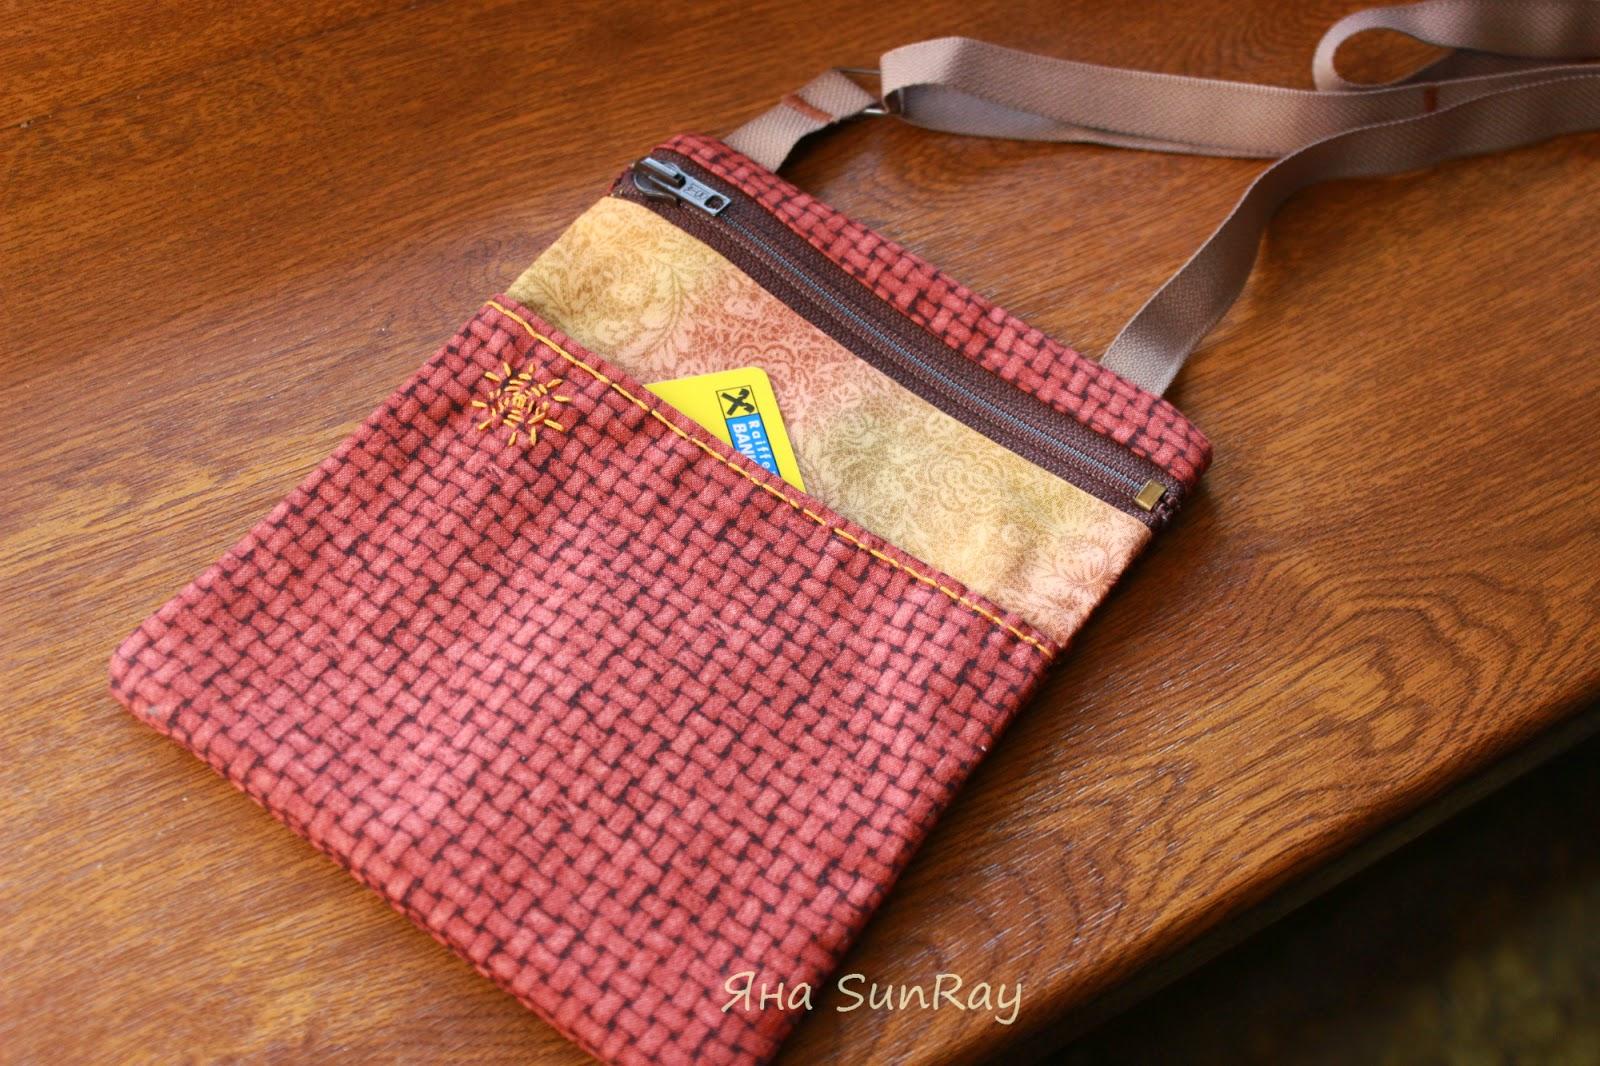 сумочка, косметичка, кенгуру, маленькая сумочка на шею, сумка для документов, сумка для денег, настроение своими руками, Яна SunRay